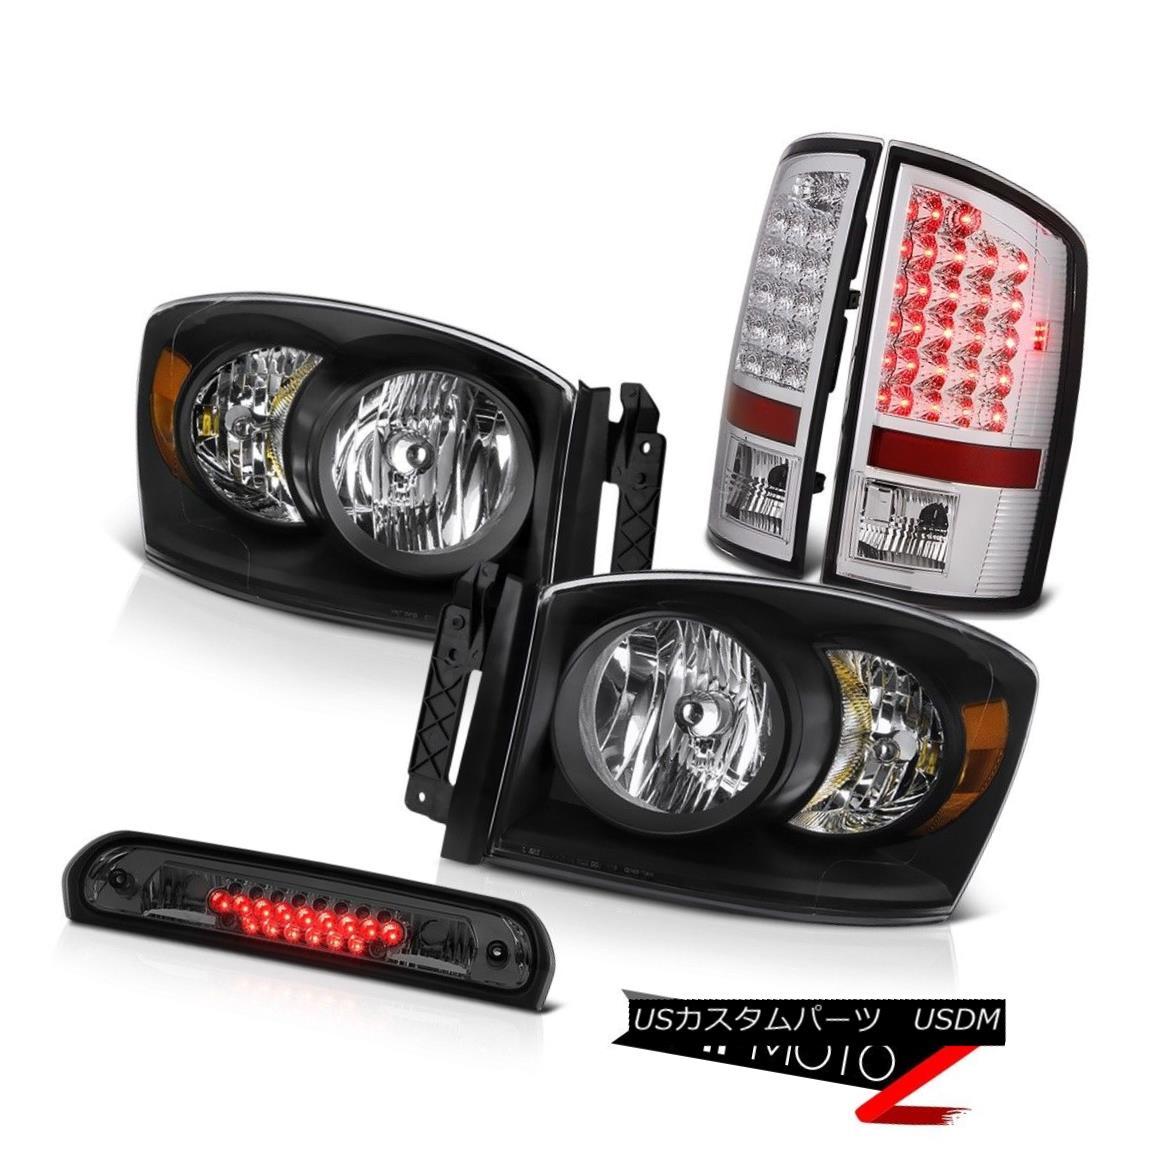 ヘッドライト 2006 Dodge Ram 1500 Black Diamond Headlights SMD Tail Light Roof Brake Cargo LED 2006ダッジラム1500ブラックダイヤモンドヘッドライトSMDテールライトルーフブレーキカーゴLED